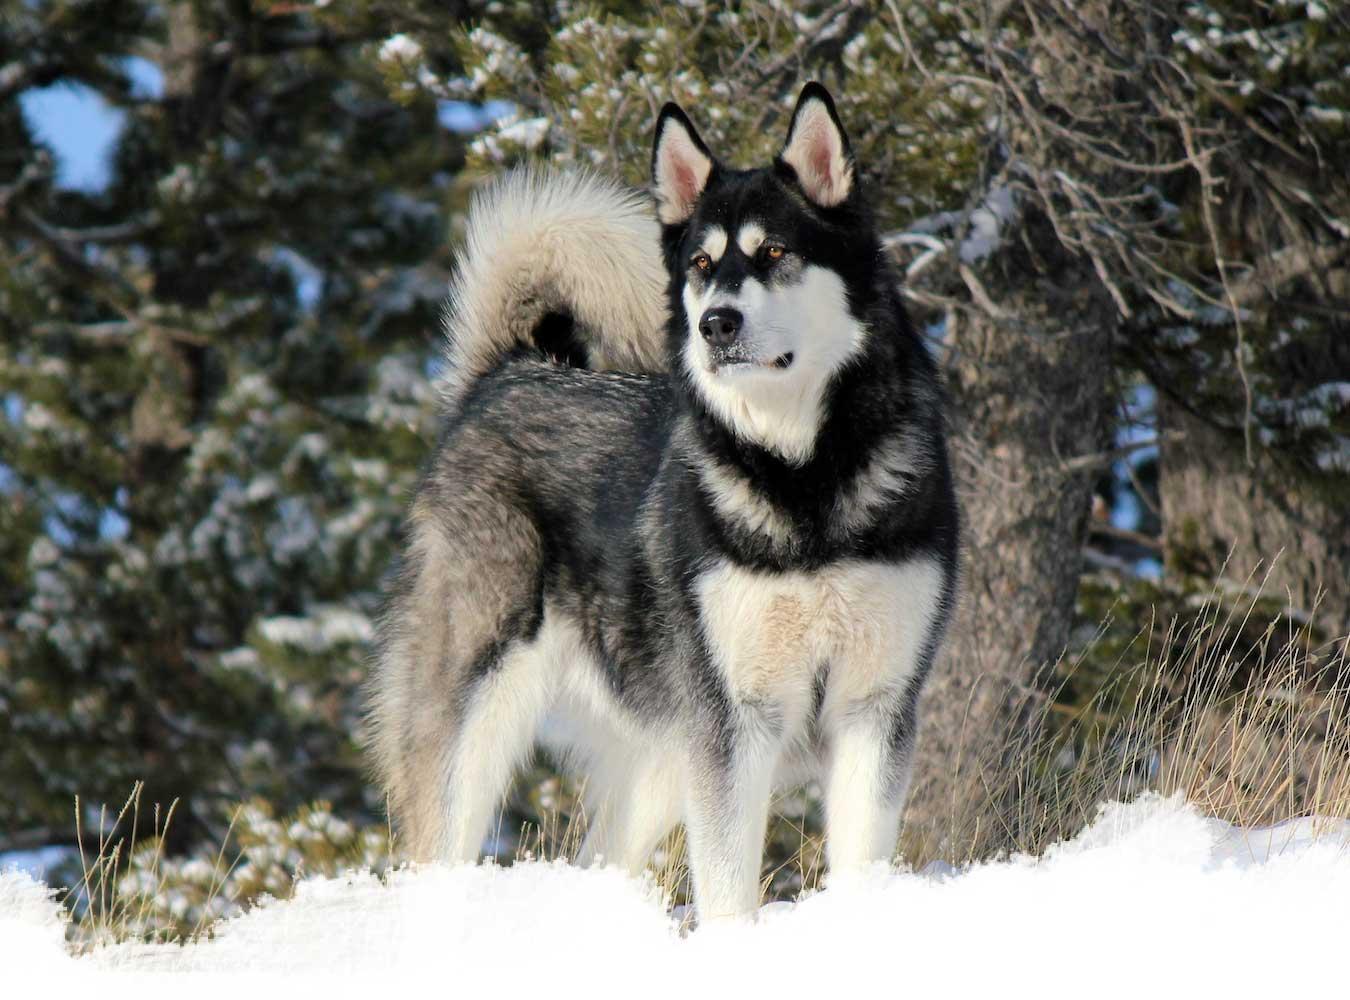 A wolfdog form yamnuska sanctuary